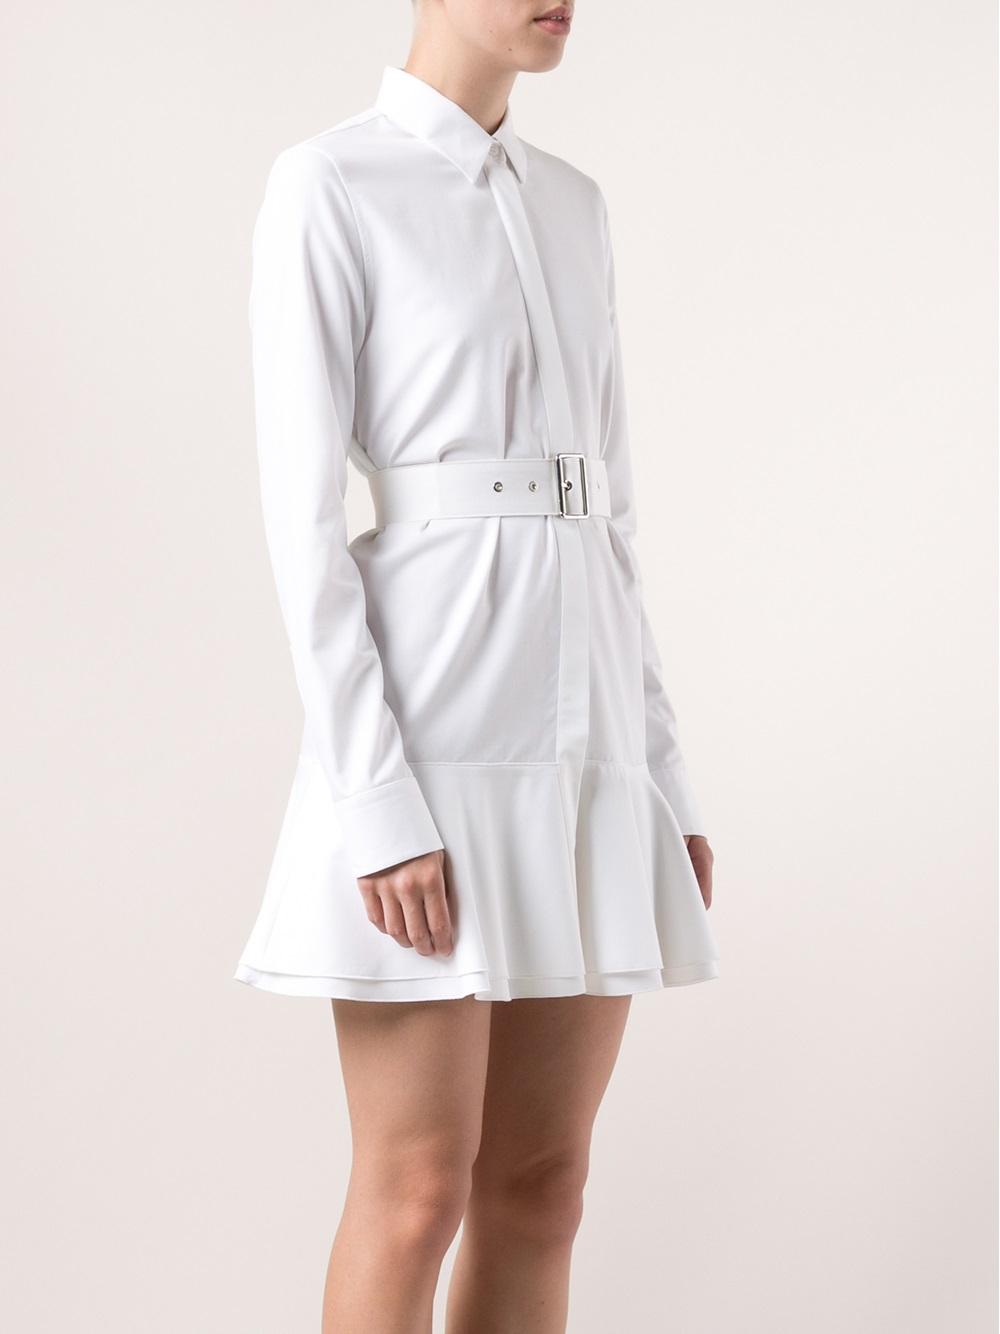 Shirt dress Victoria Beckham LLDwh